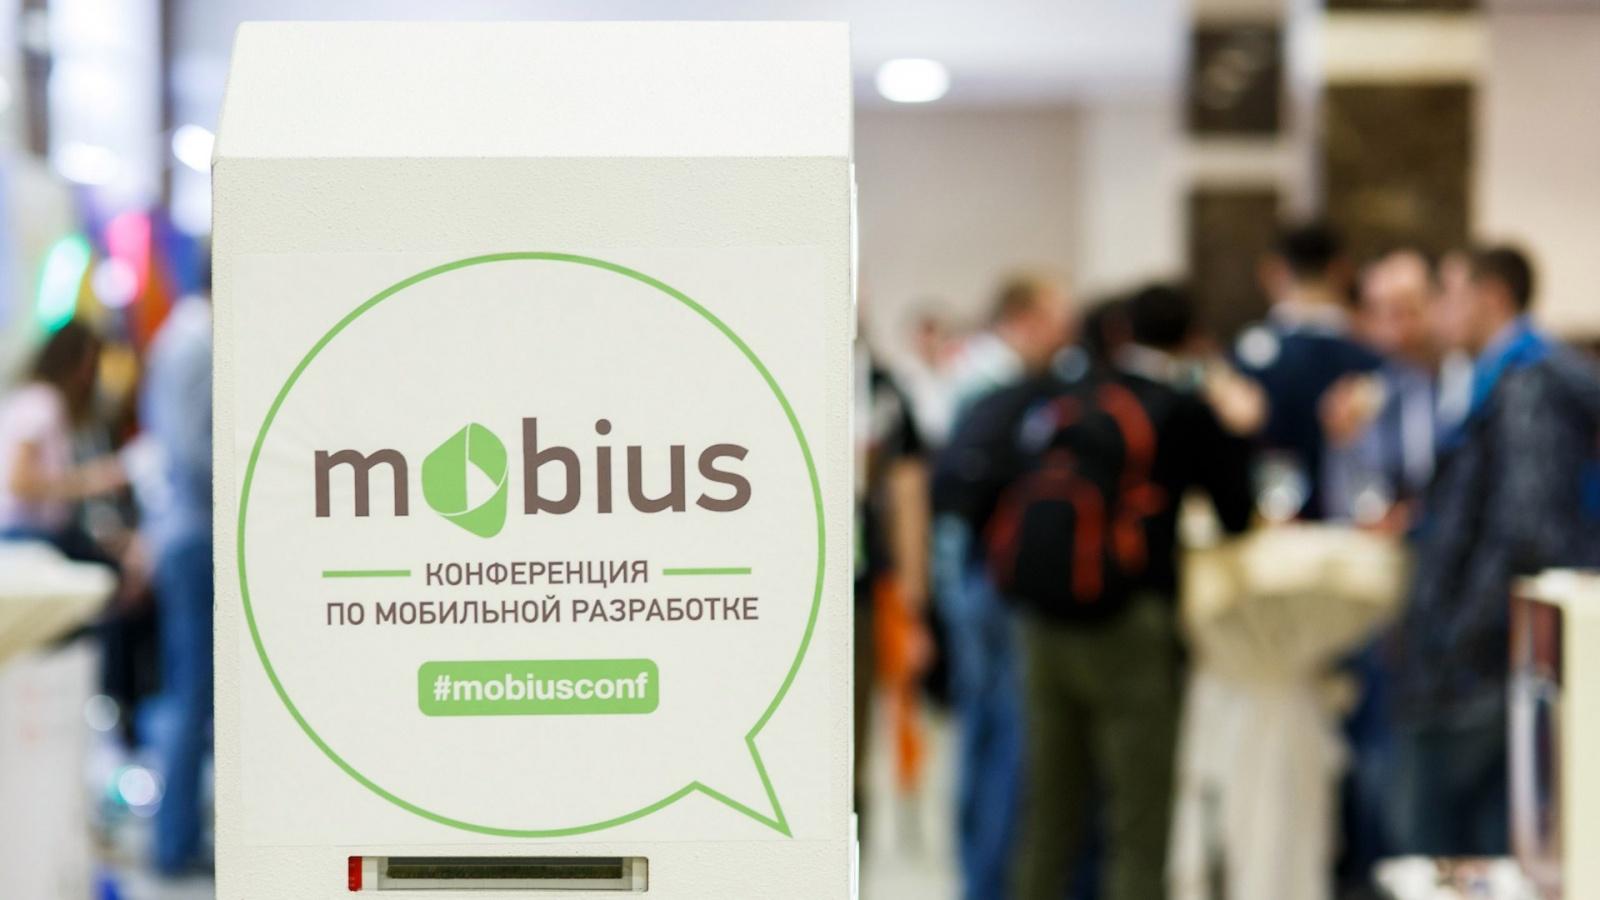 Анонс Mobius 2017 Moscow: покорение Москвы - 1